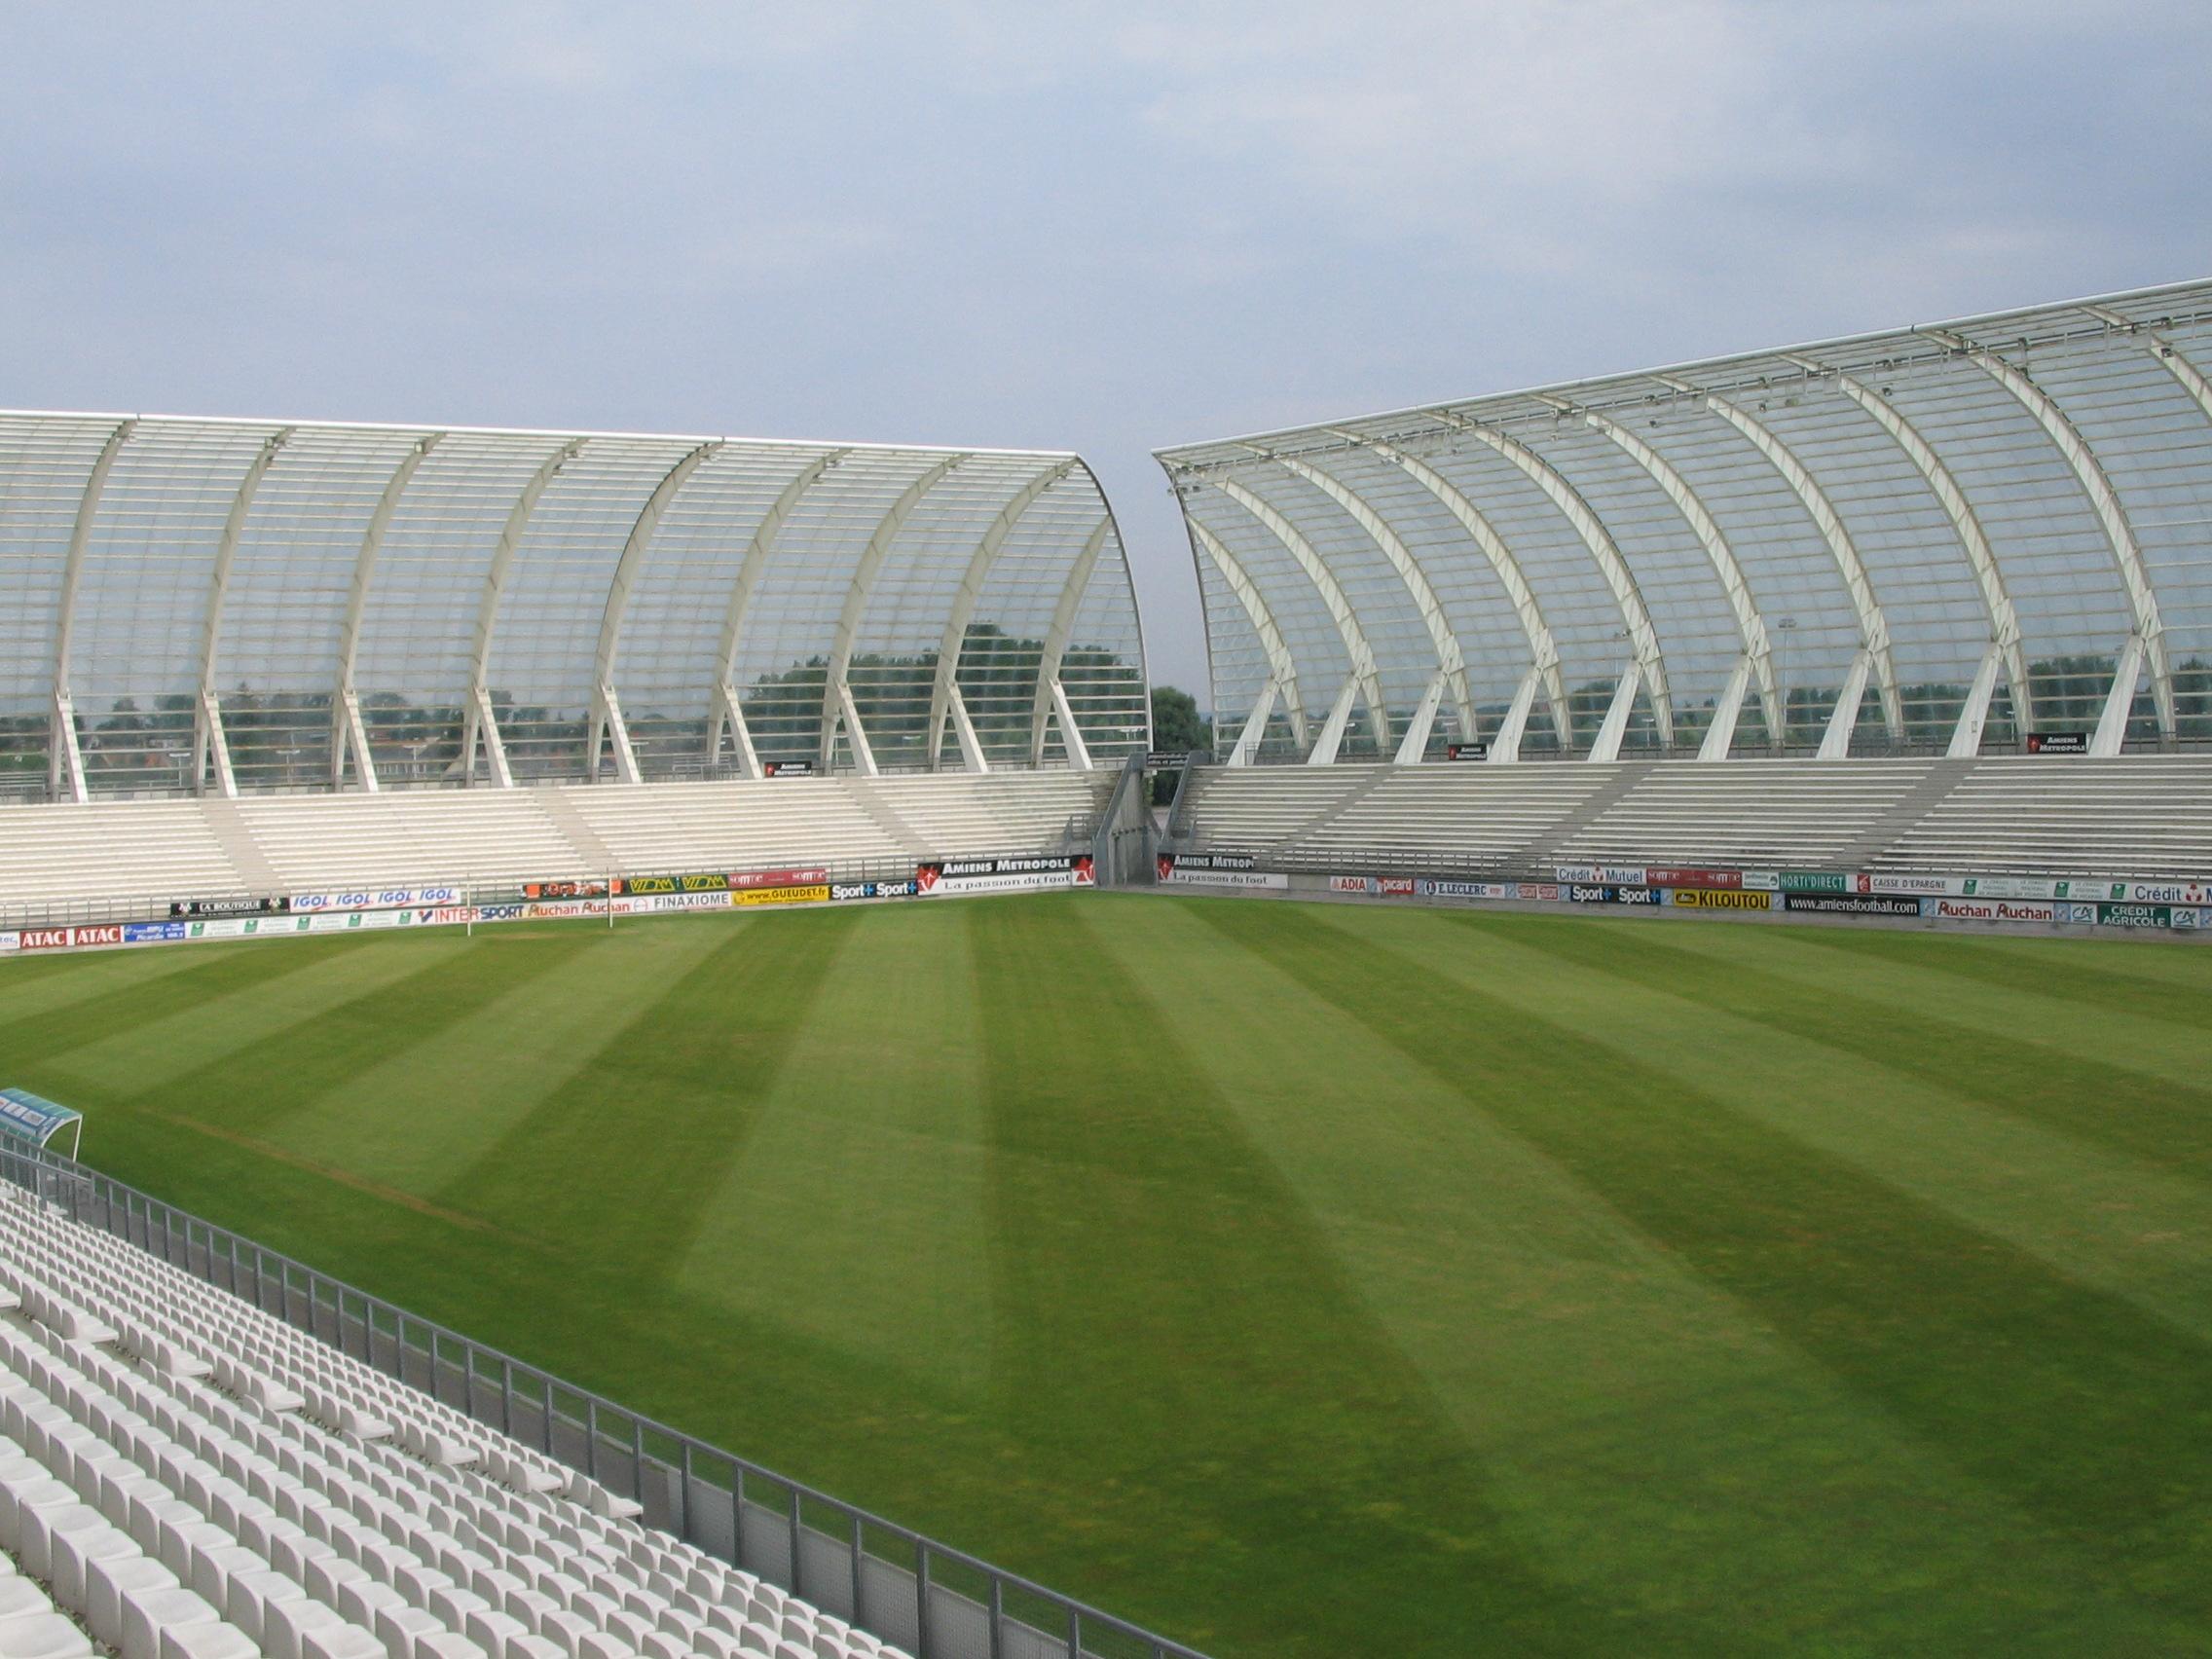 Amiens-Dijon 6 ottobre: si gioca per la nona giornata del campionato francese. Si affrontano 2 squadre in difficoltà in campionato.